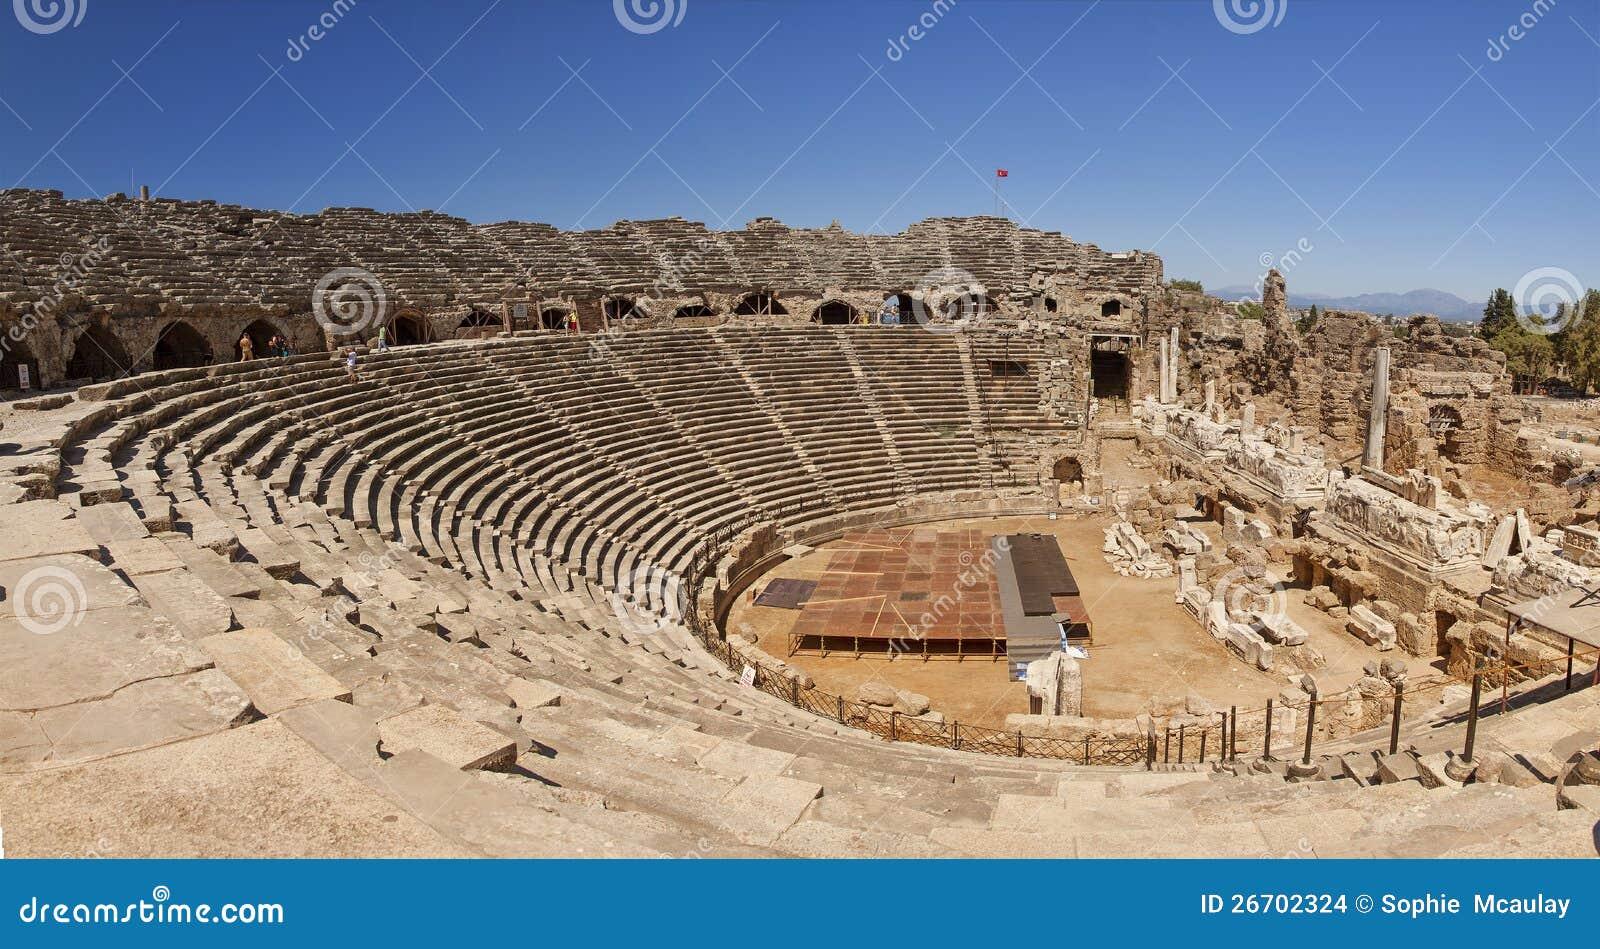 Amphitheatre in Turchia laterale